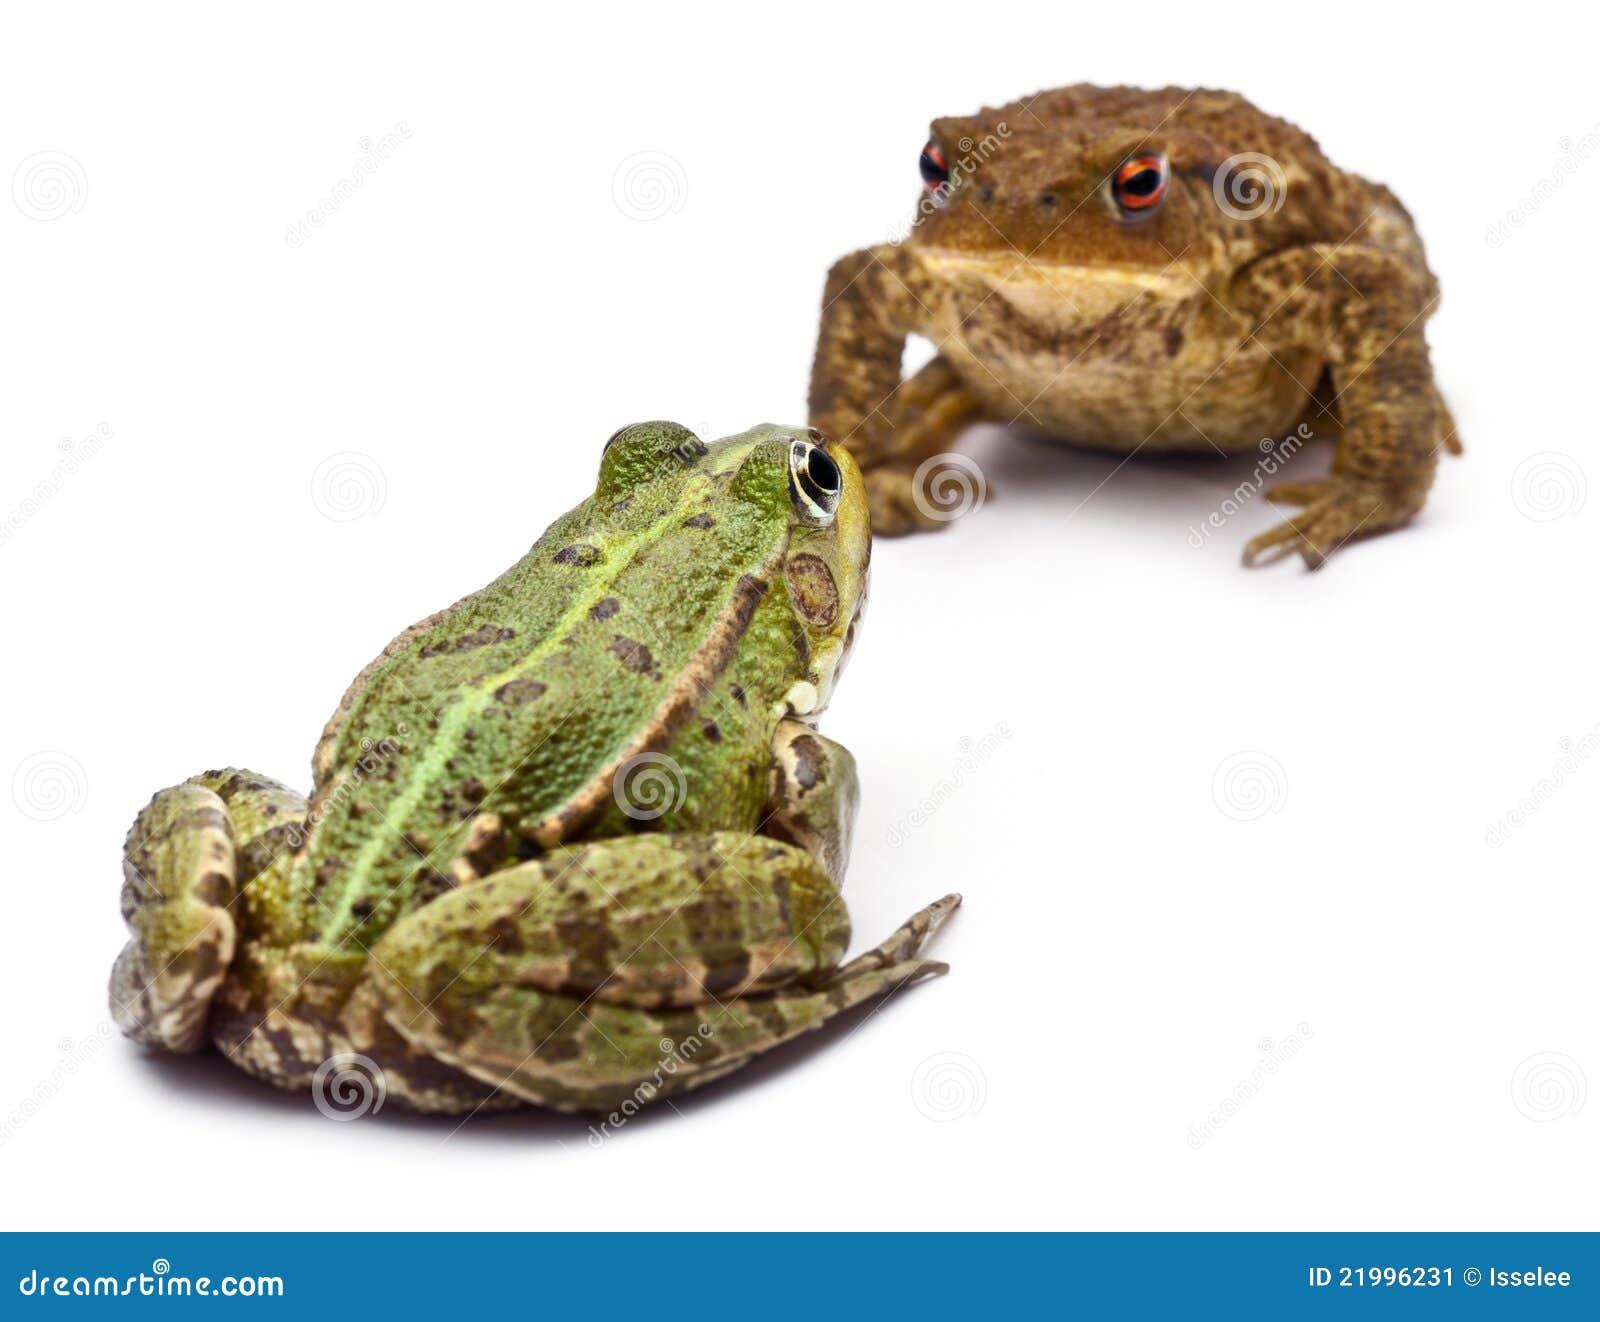 gemeiner europ ischer frosch oder essbarer frosch stockbild bild 21996231. Black Bedroom Furniture Sets. Home Design Ideas